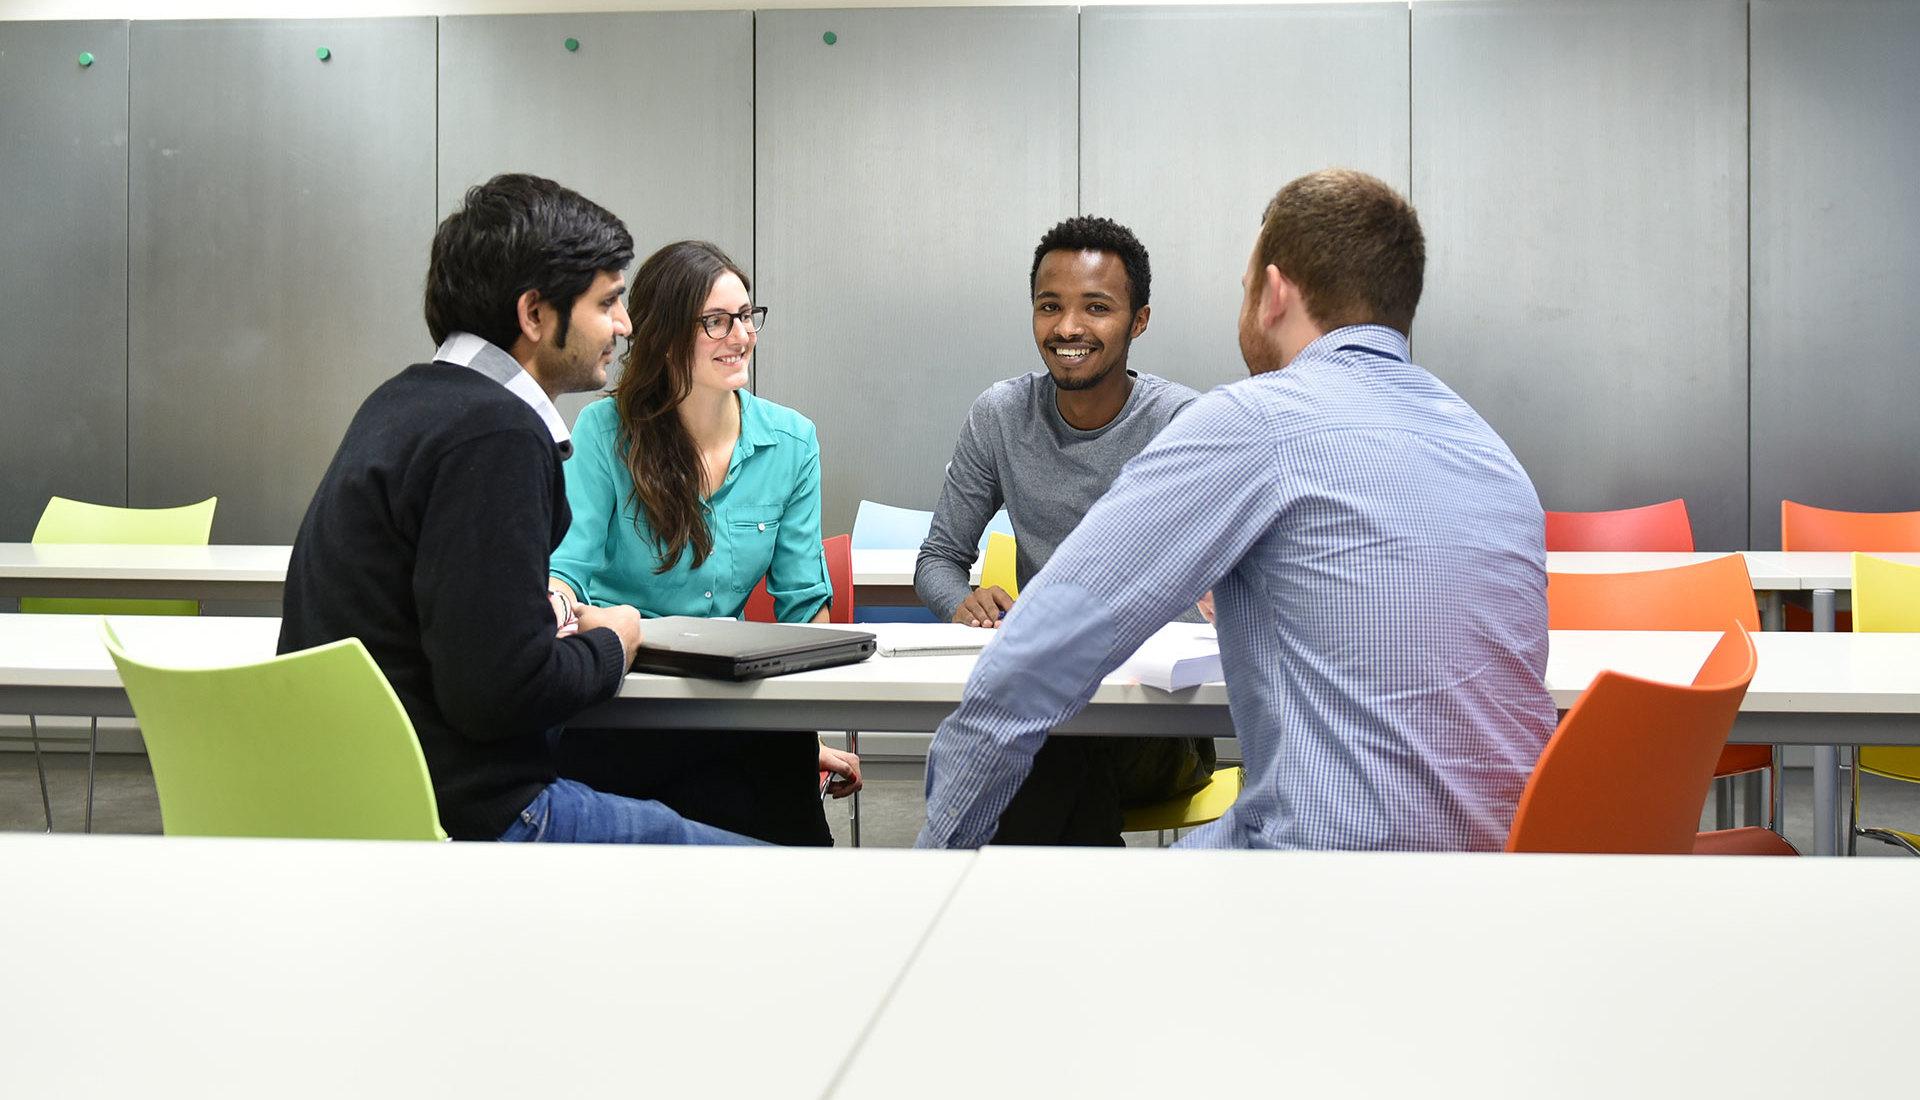 Hochschule mainz studieren im ausland for Studieren im ausland